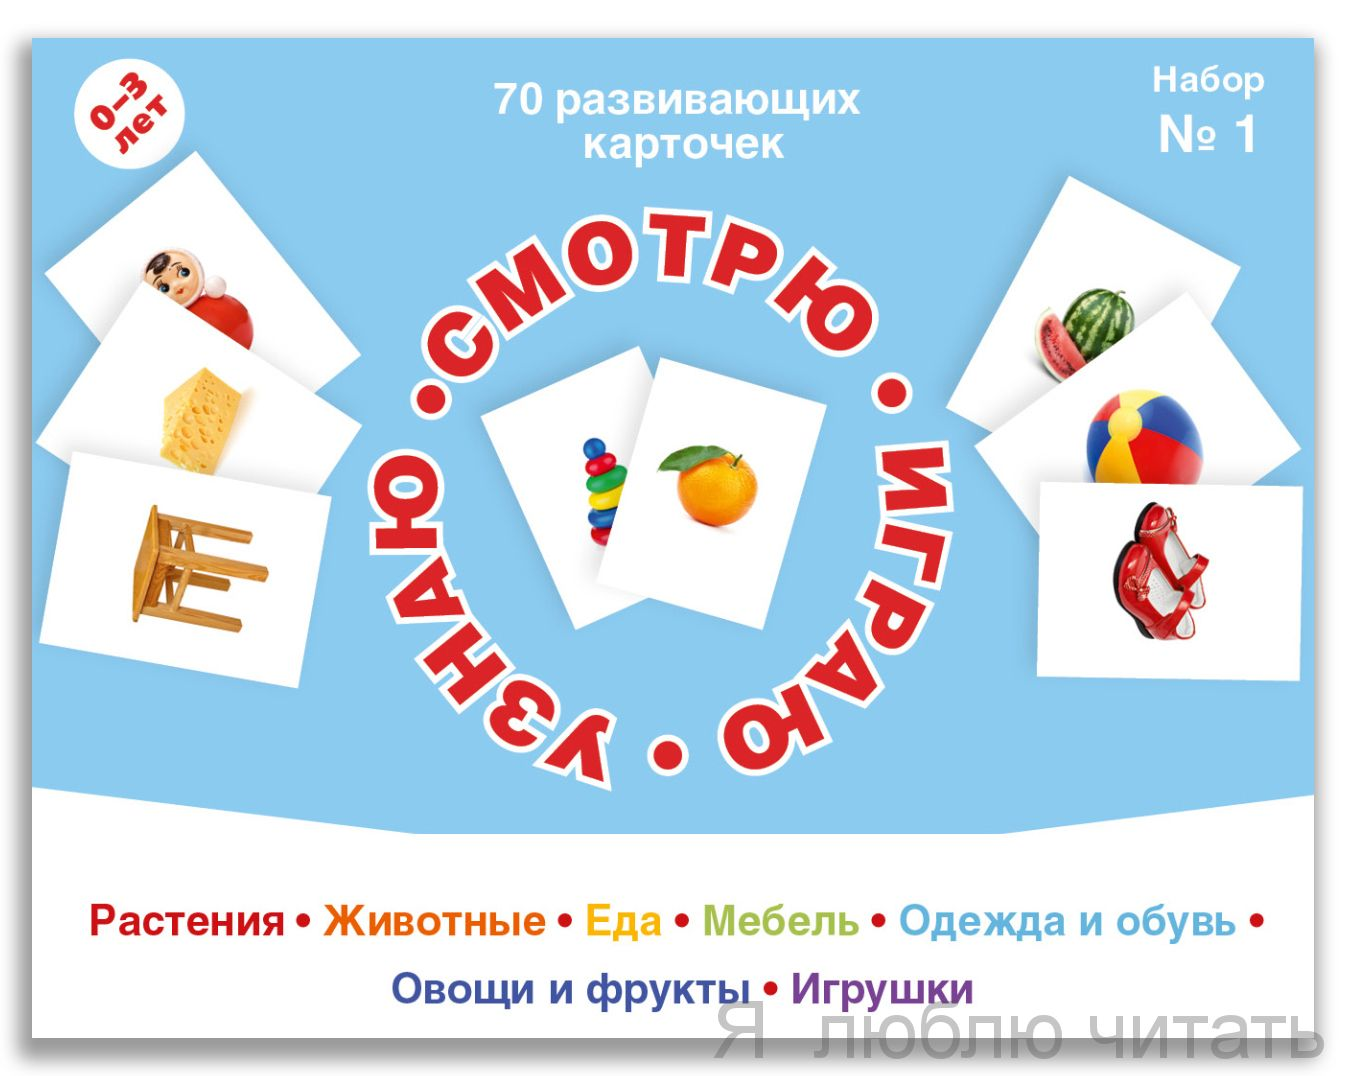 70 развивающих карточек. Набор №1